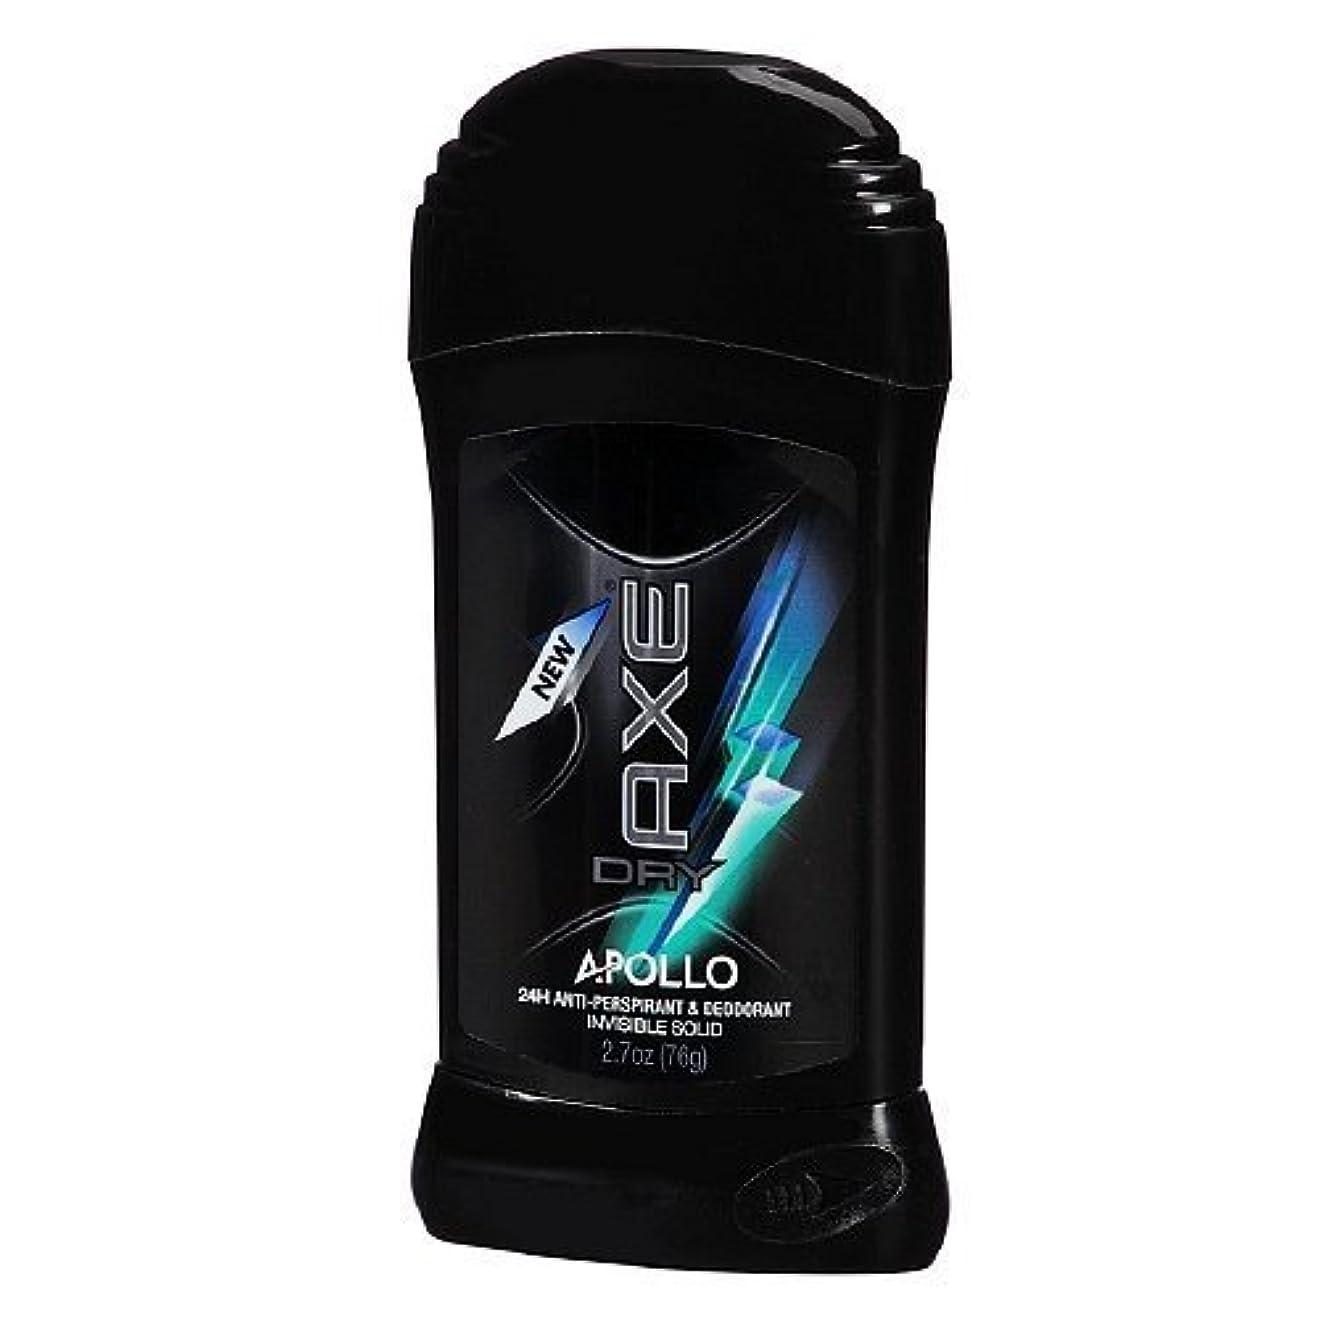 ホイスト奇妙なキャンペーンAxe Dry Antiperspirant Deodorant - Apollo - Invisible Solid - Net Wt. 2.7 OZ Each - Pack of 3 by Unilever [並行輸入品]